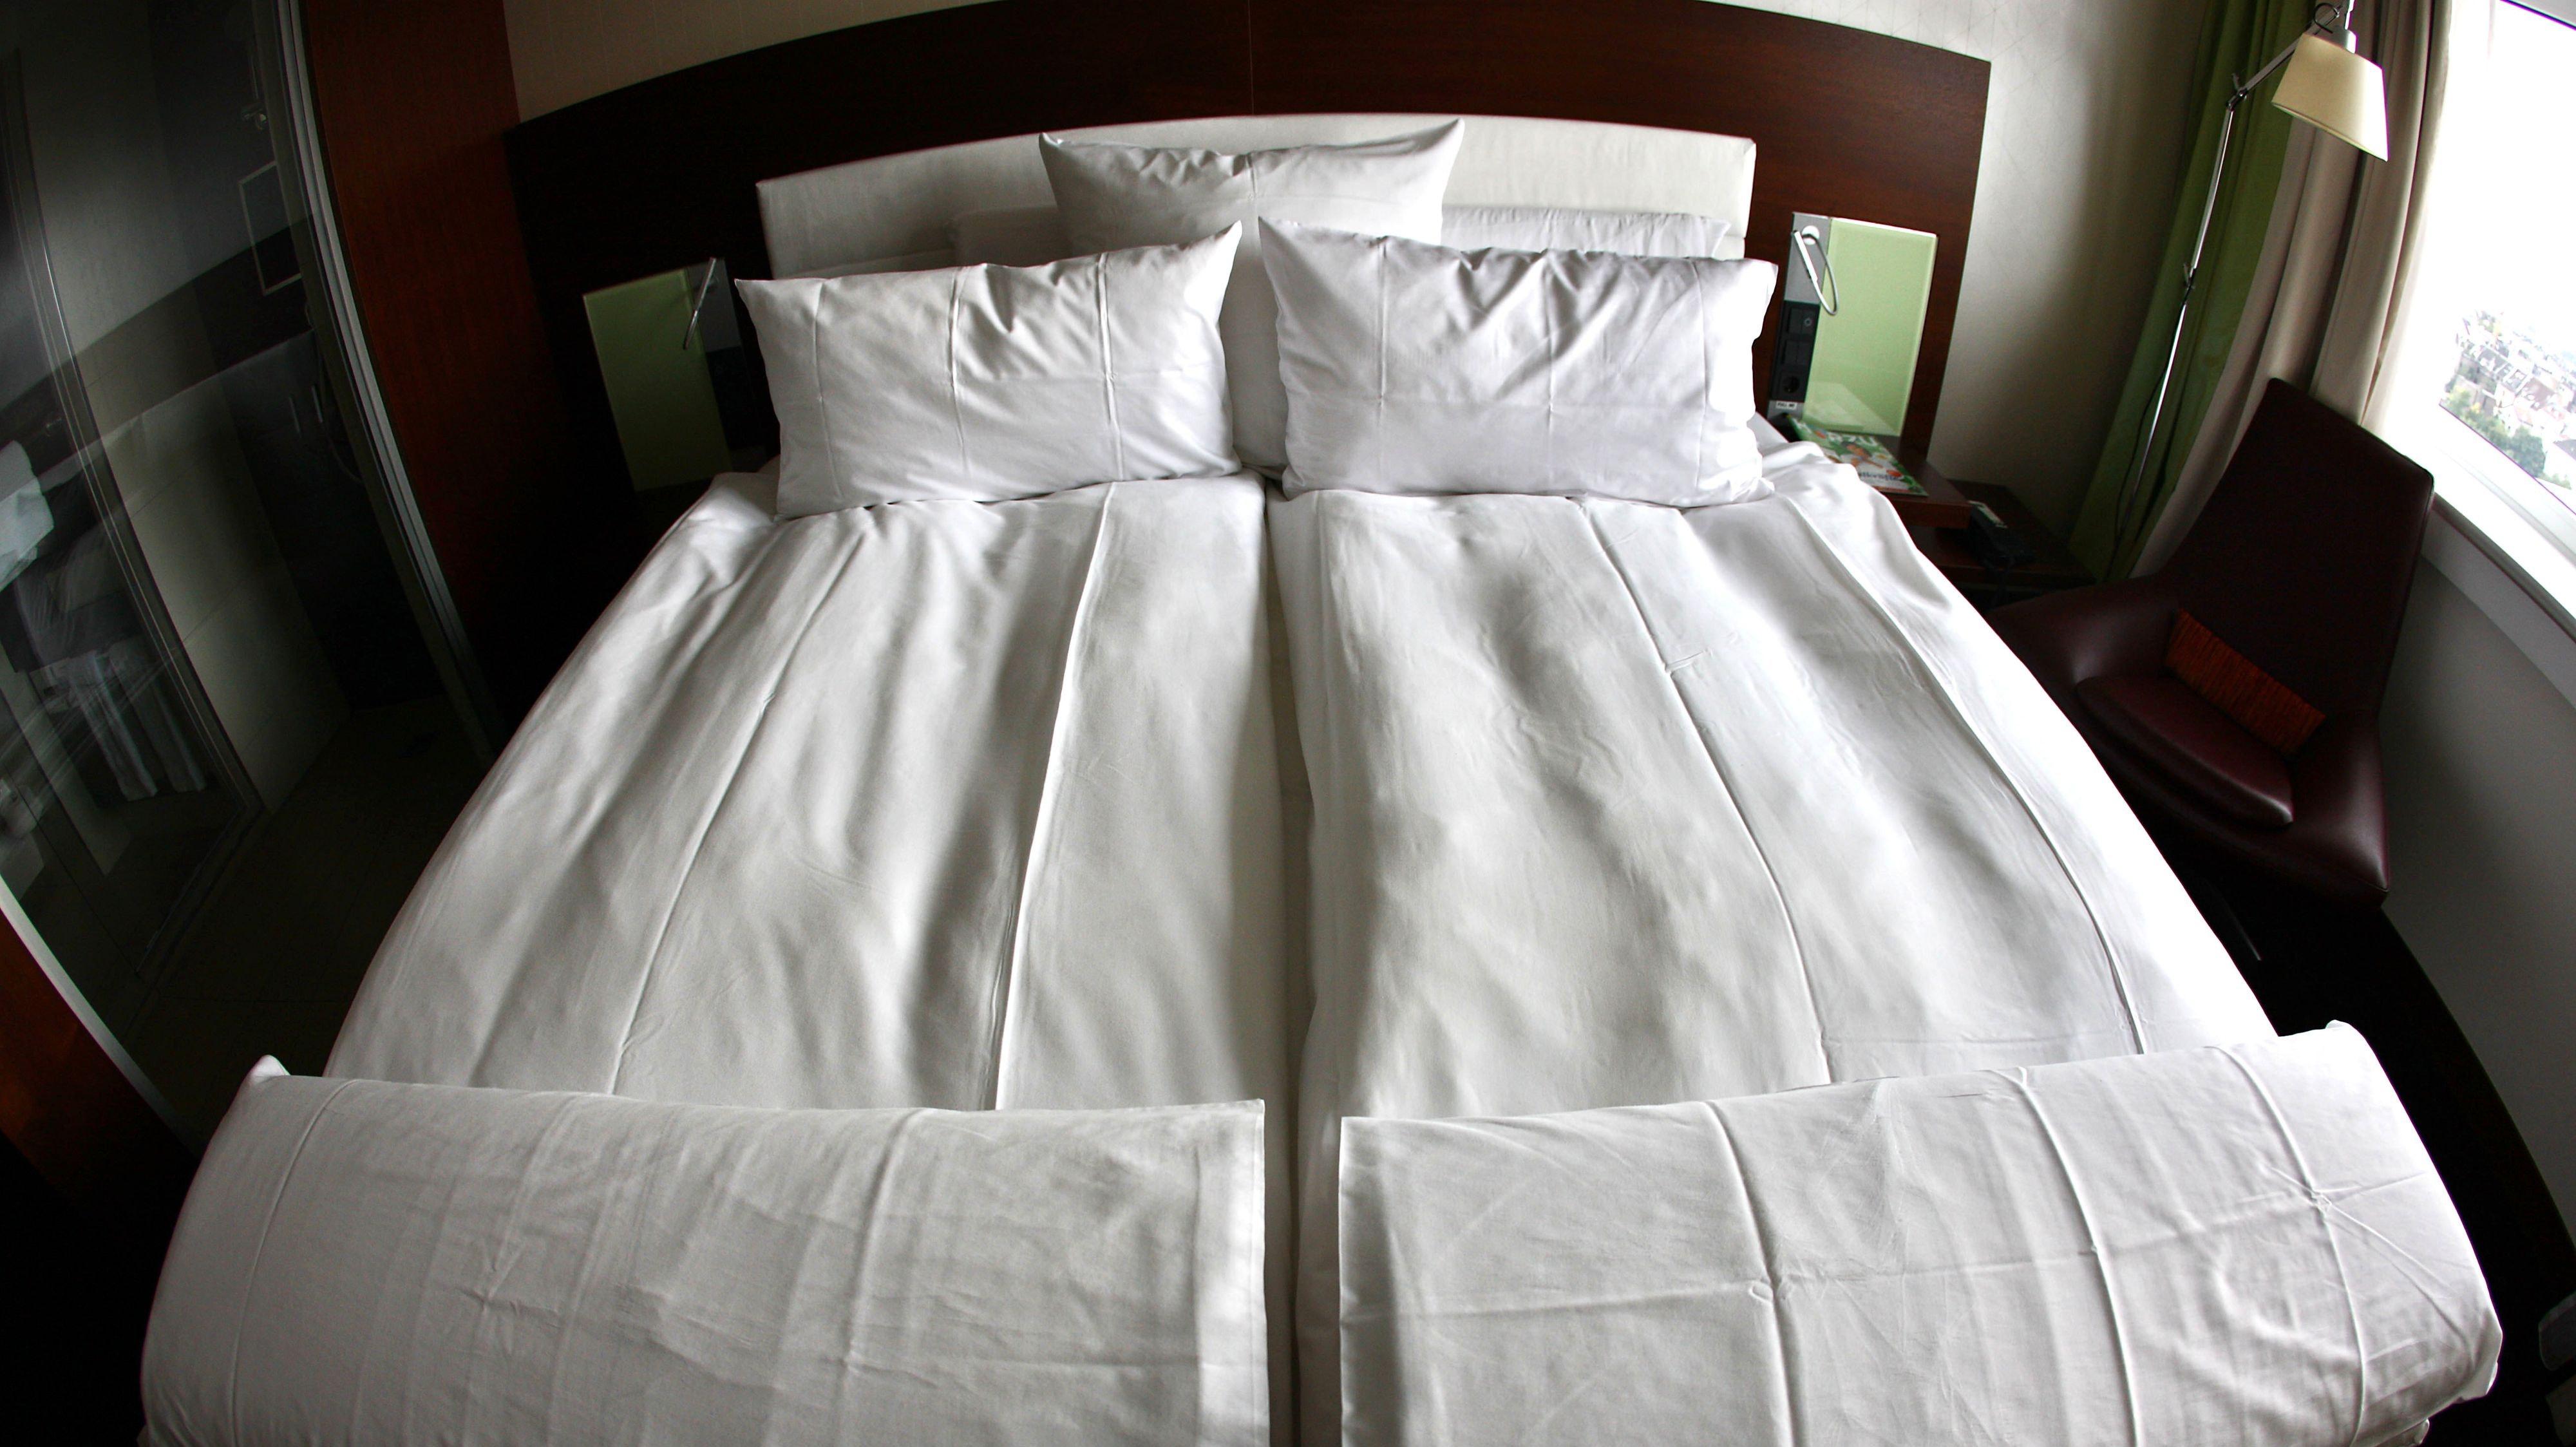 Die Betten bleiben in Coronazeiten so manches Mal leer. Symbolfoto: dpa